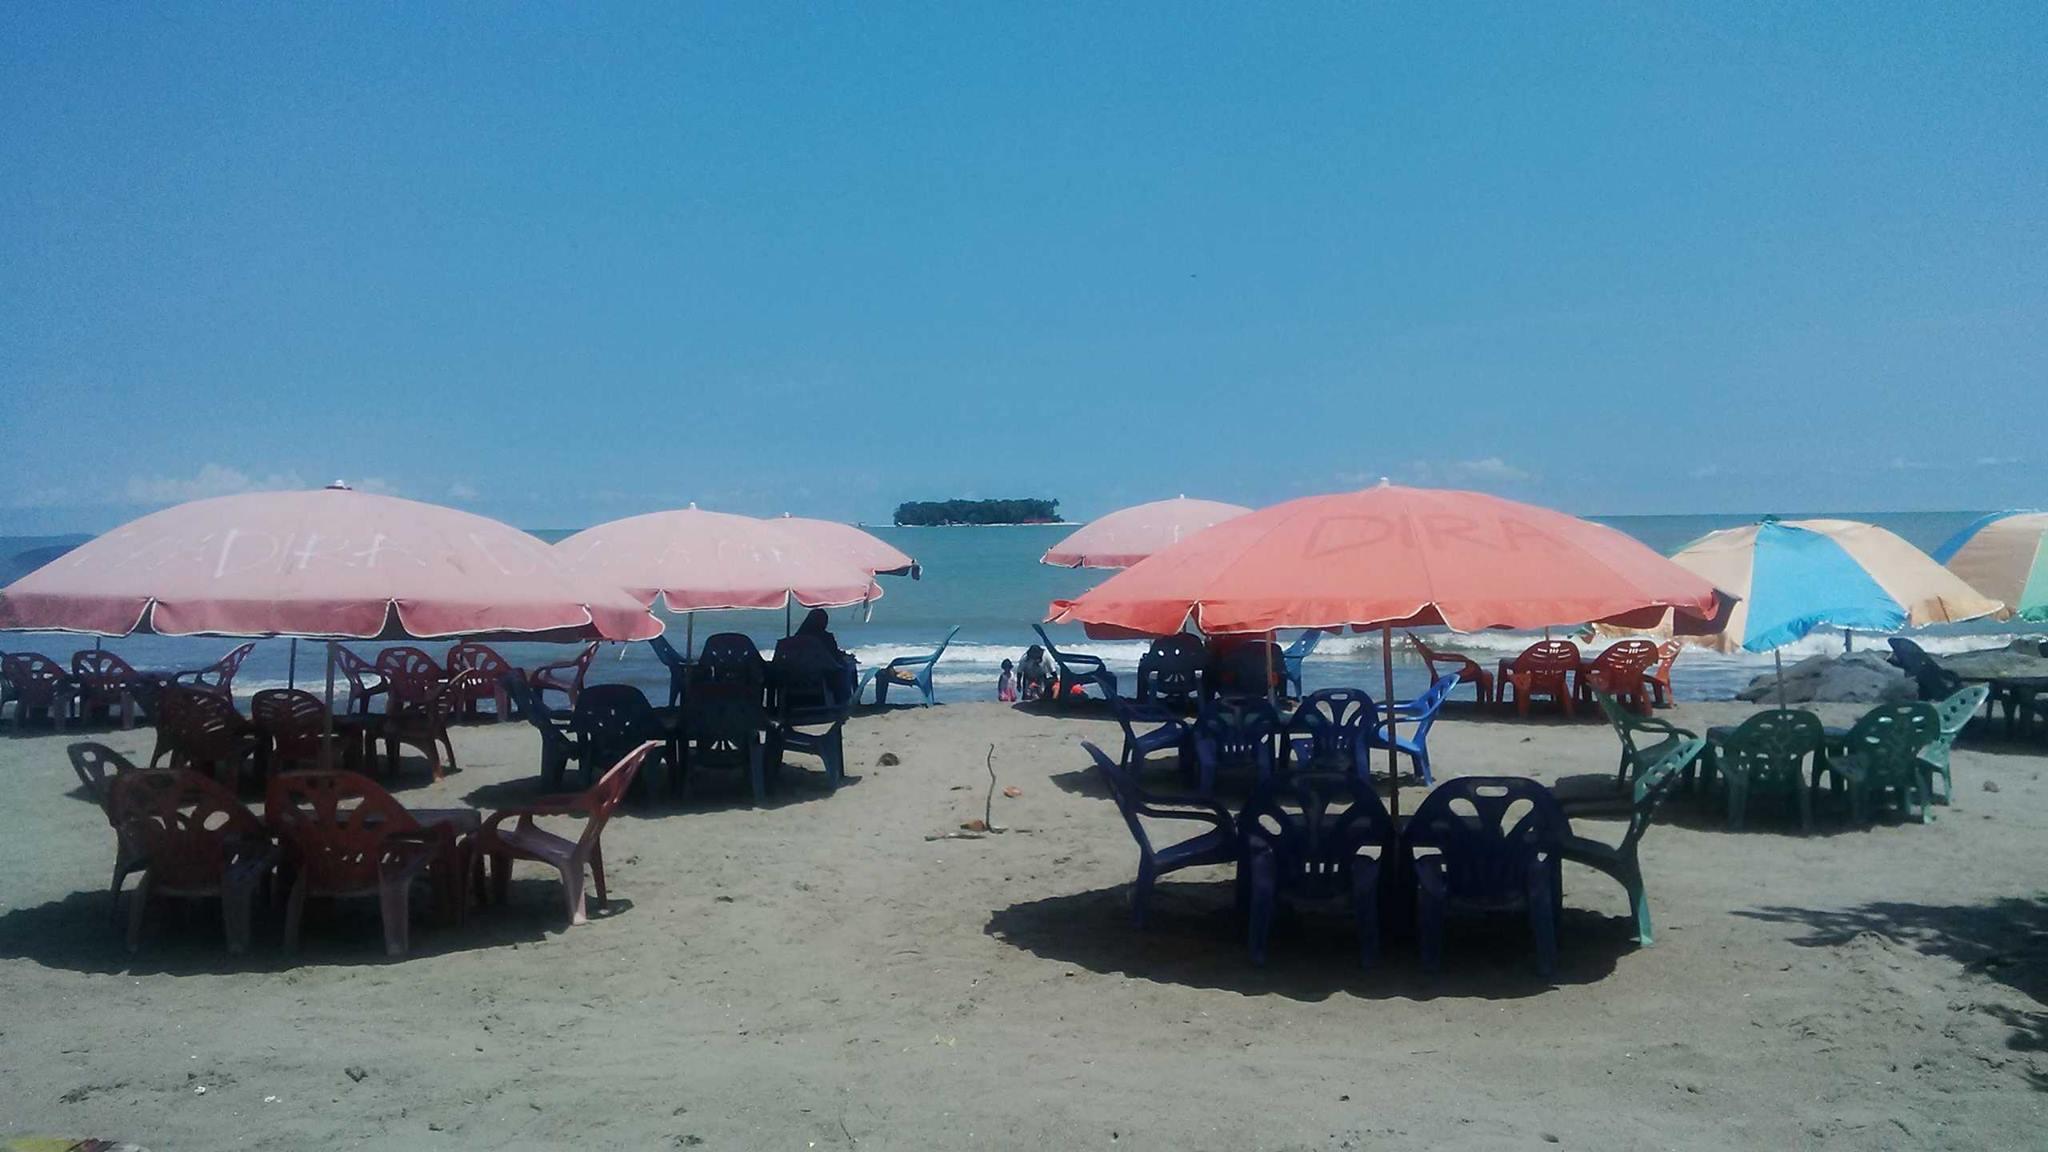 Pantai Gandoria Pariaman, salah satu wisata unggulan yang ditawarkan Kota Pariaman. (Foto: Eank)